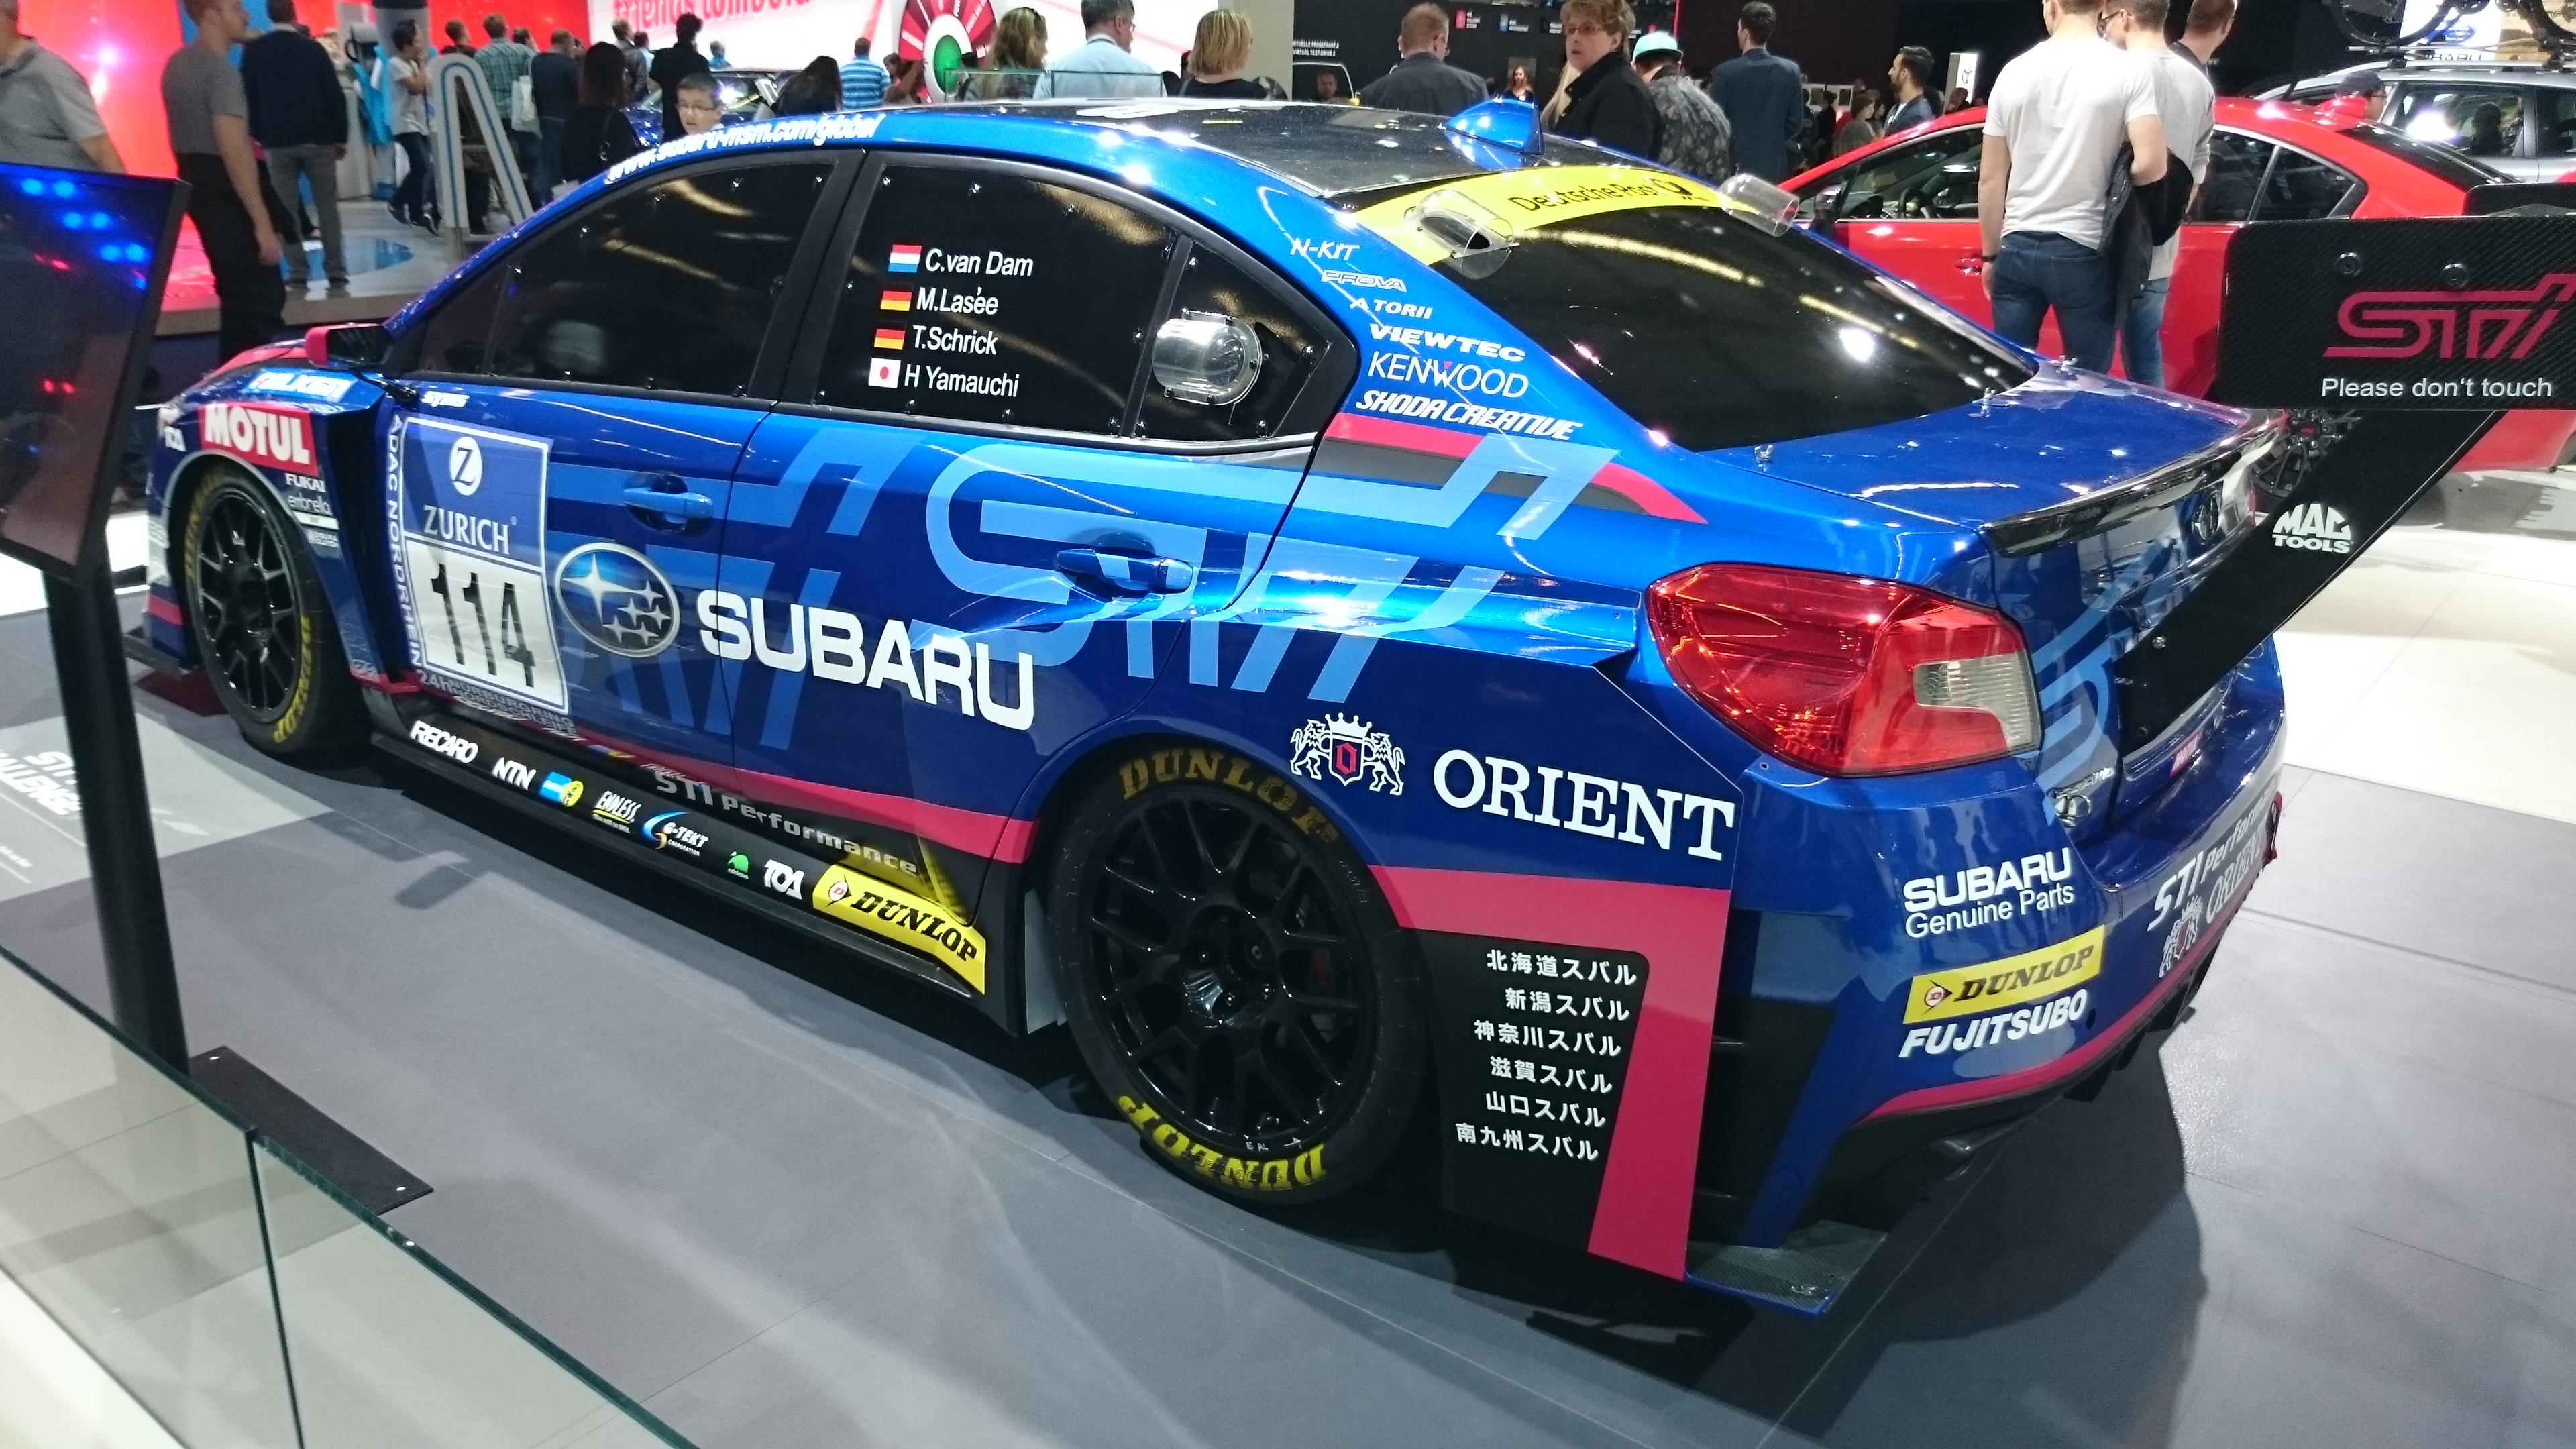 Fotos normales del Stand de Subaru en el IAA2015 #VidePan en #IAA2015